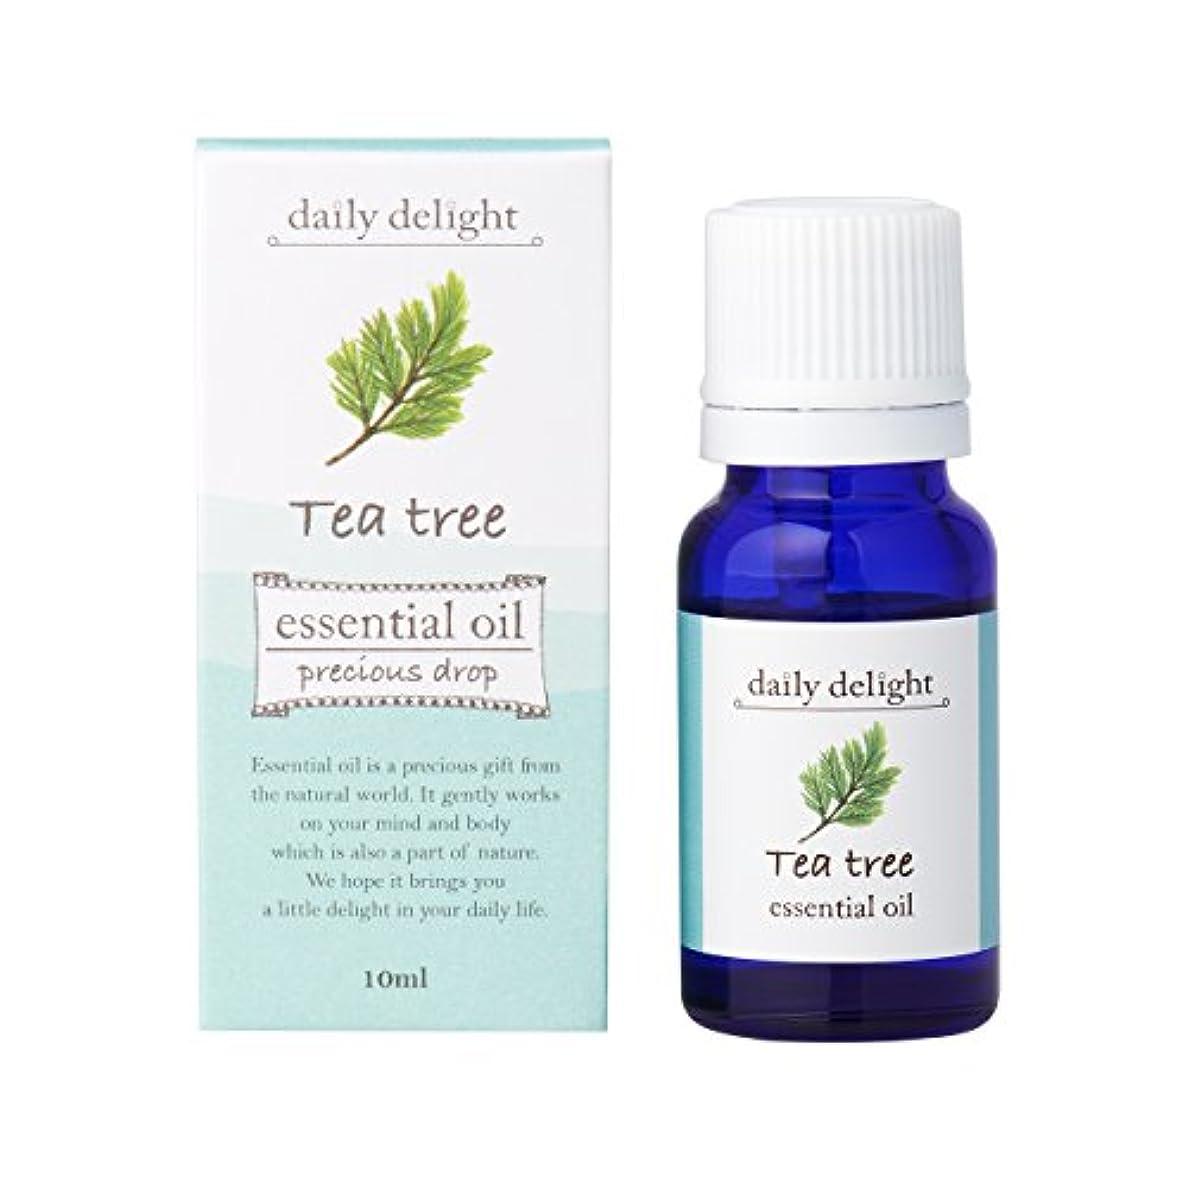 南アメリカ事実上エゴイズムデイリーディライト エッセンシャルオイル  ティートゥリー 10ml(天然100% 精油 アロマ 樹木系 フレッシュですっきりとした香り)